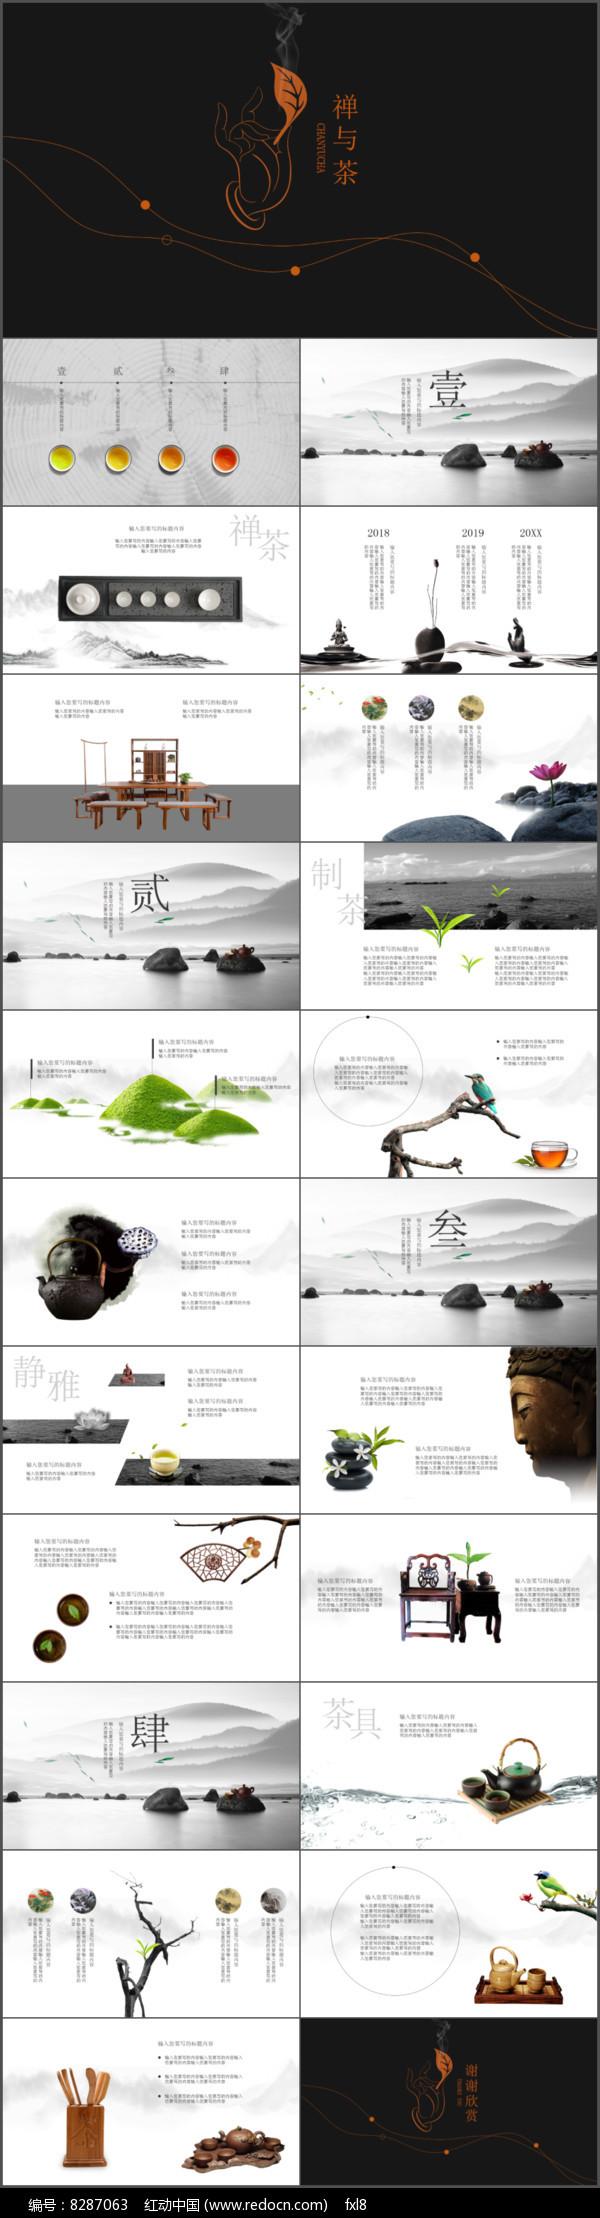 禅与茶静雅茶具制茶意境中国风PPT模板图片